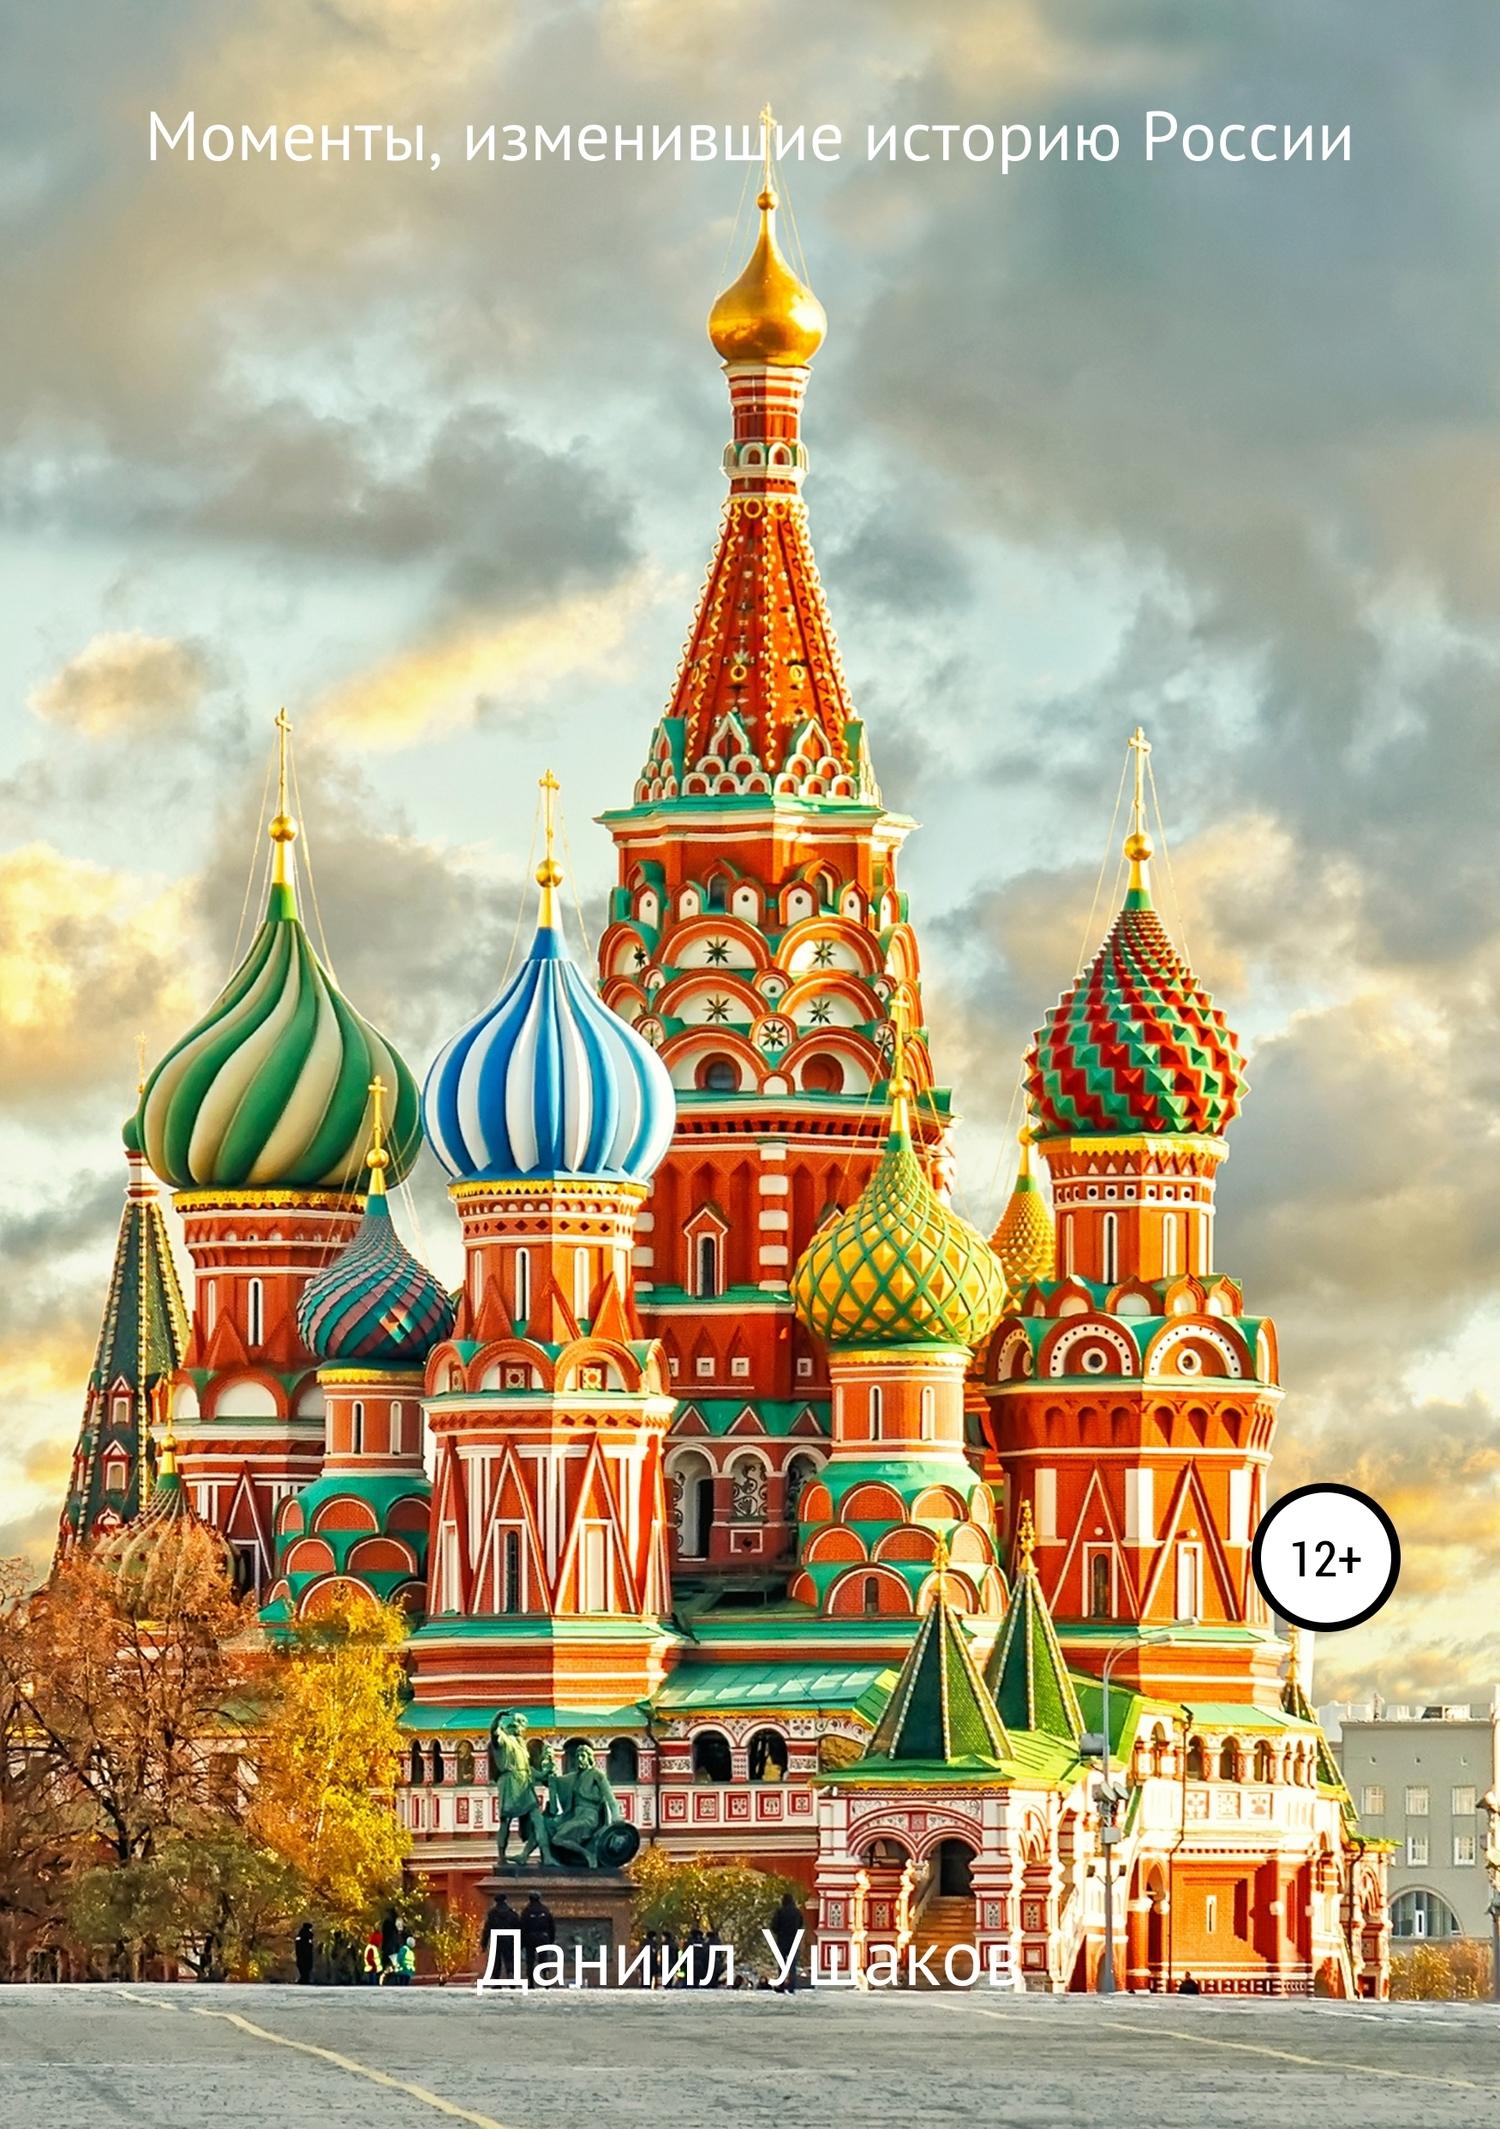 Даниил Ушаков - Моменты, изменившие историю России